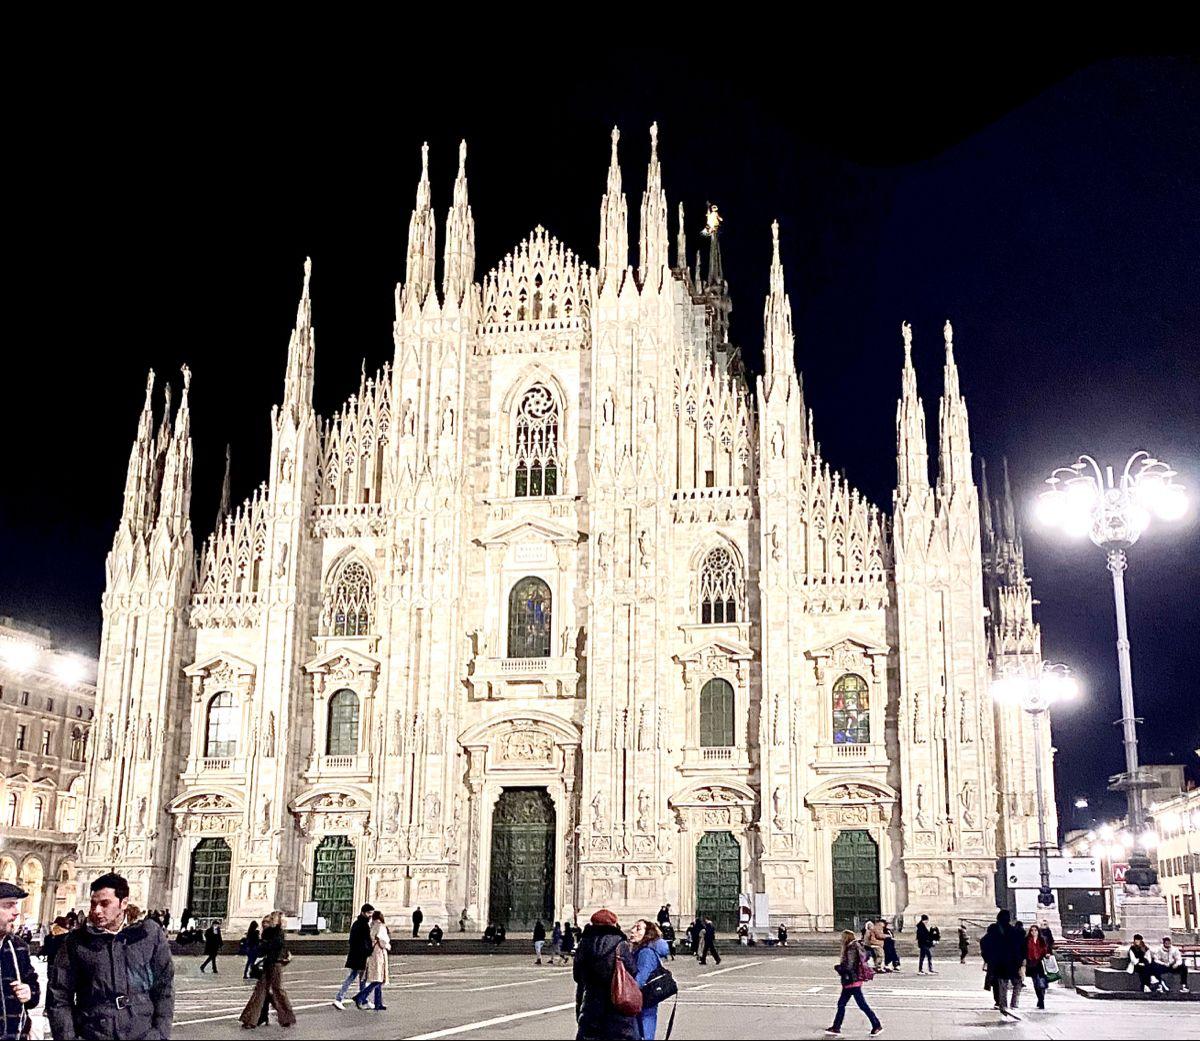 Duomo di Milano. @cathedralscafes @travelchannel @duomomilano